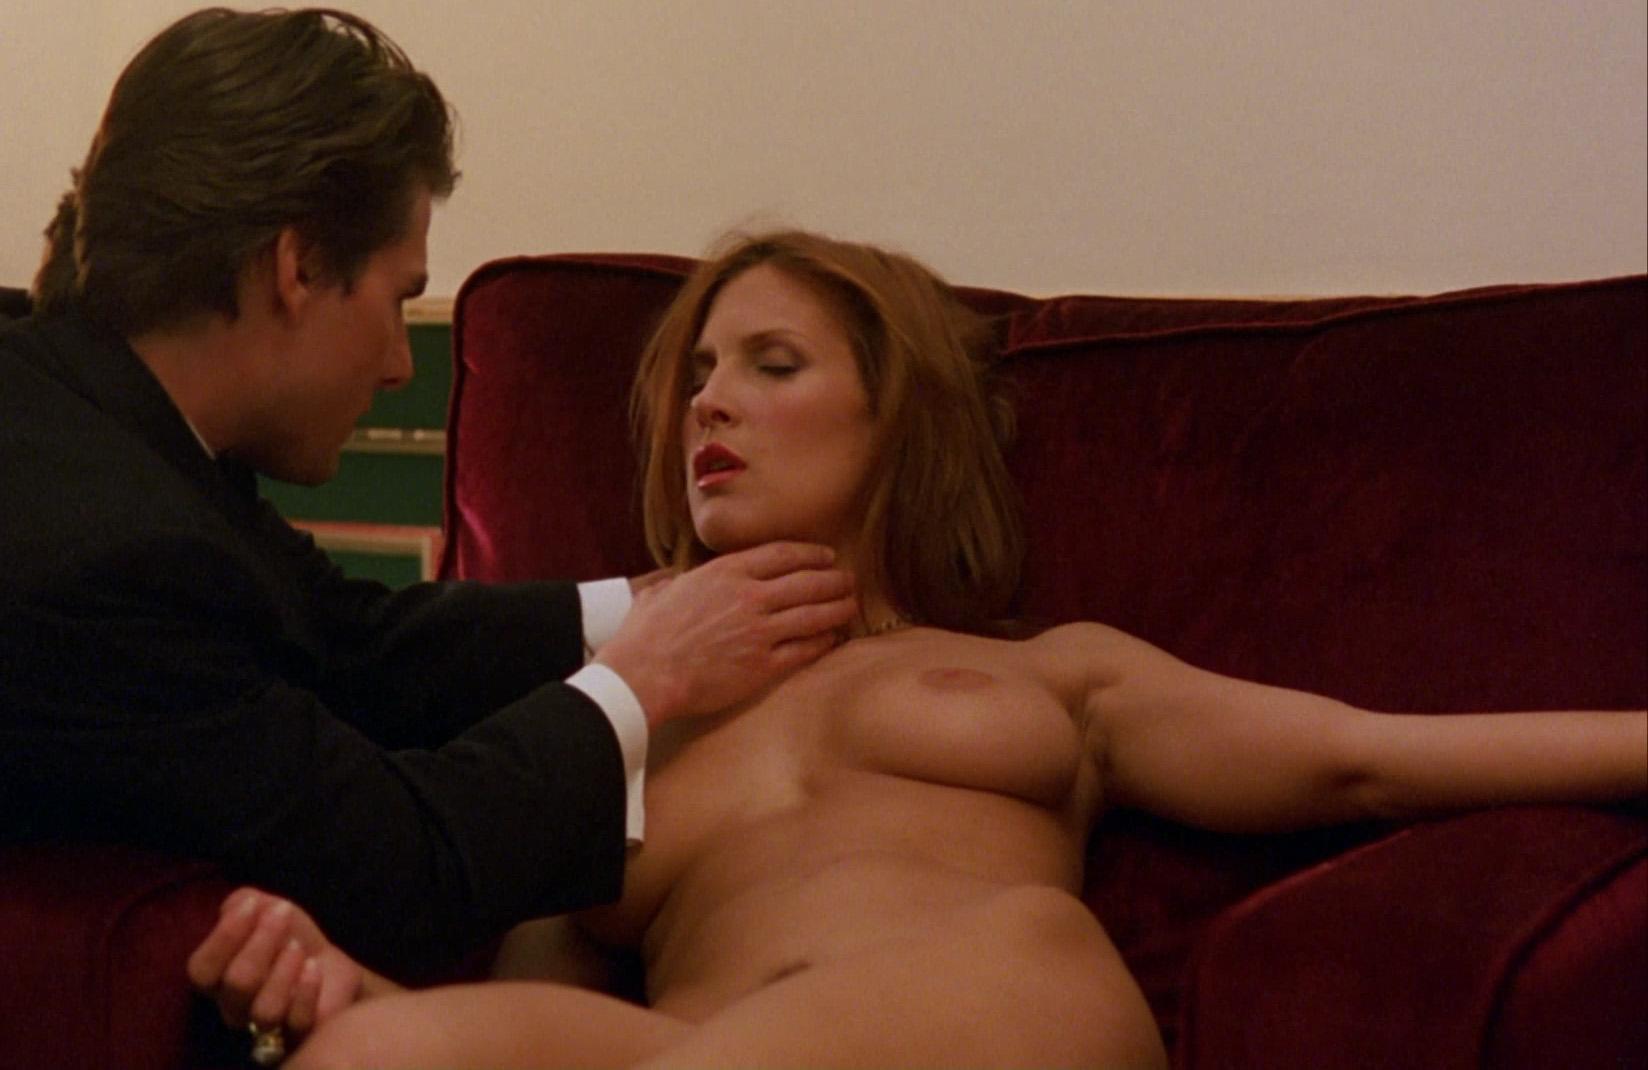 Deutsche erotikfilme kostenlos